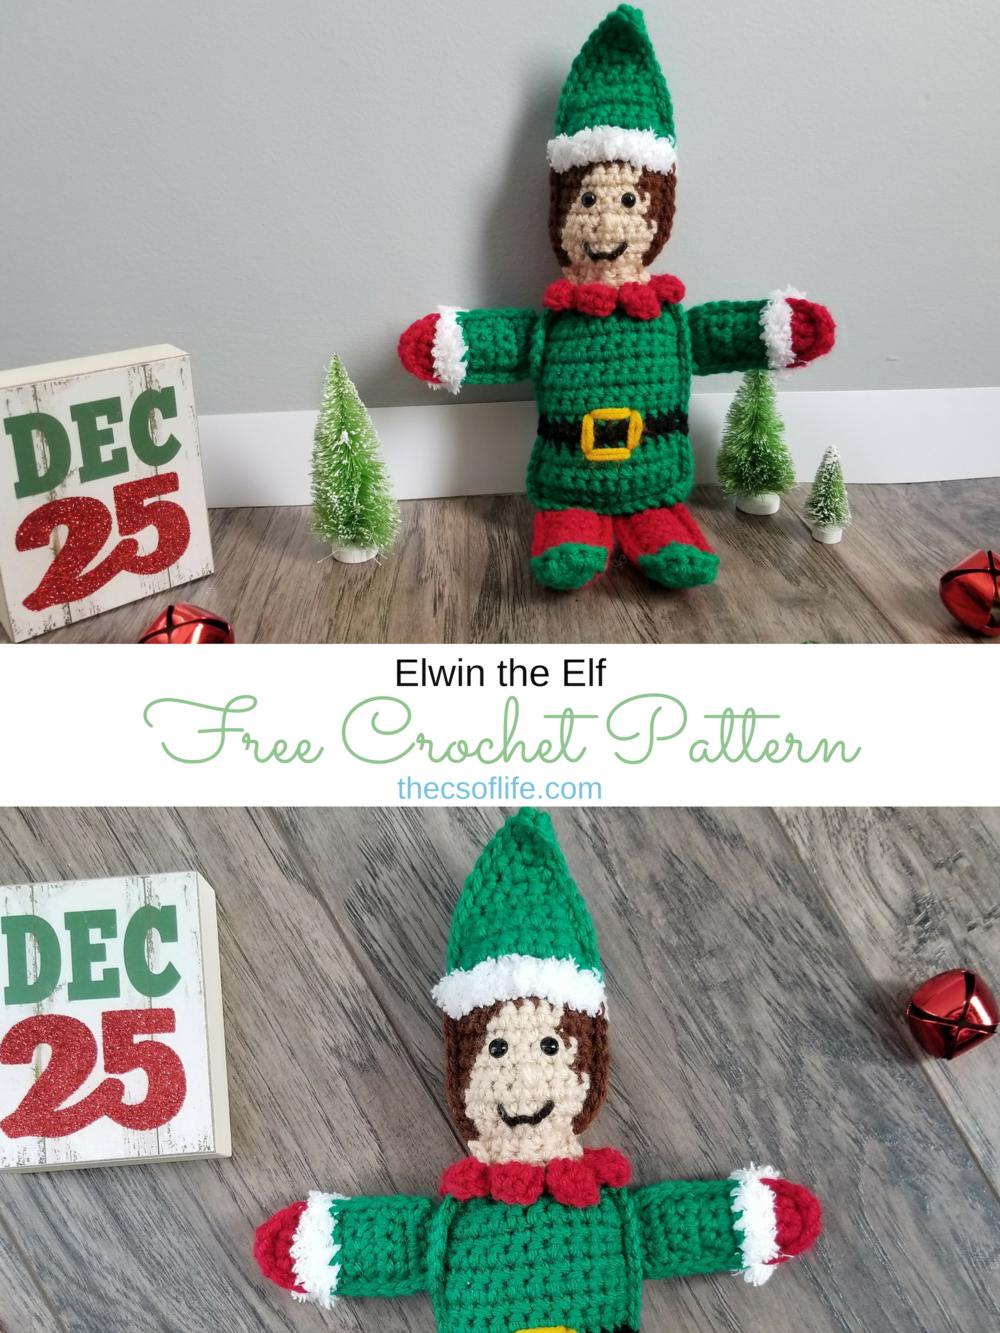 Elwin the Elf - Free Crochet Pattern